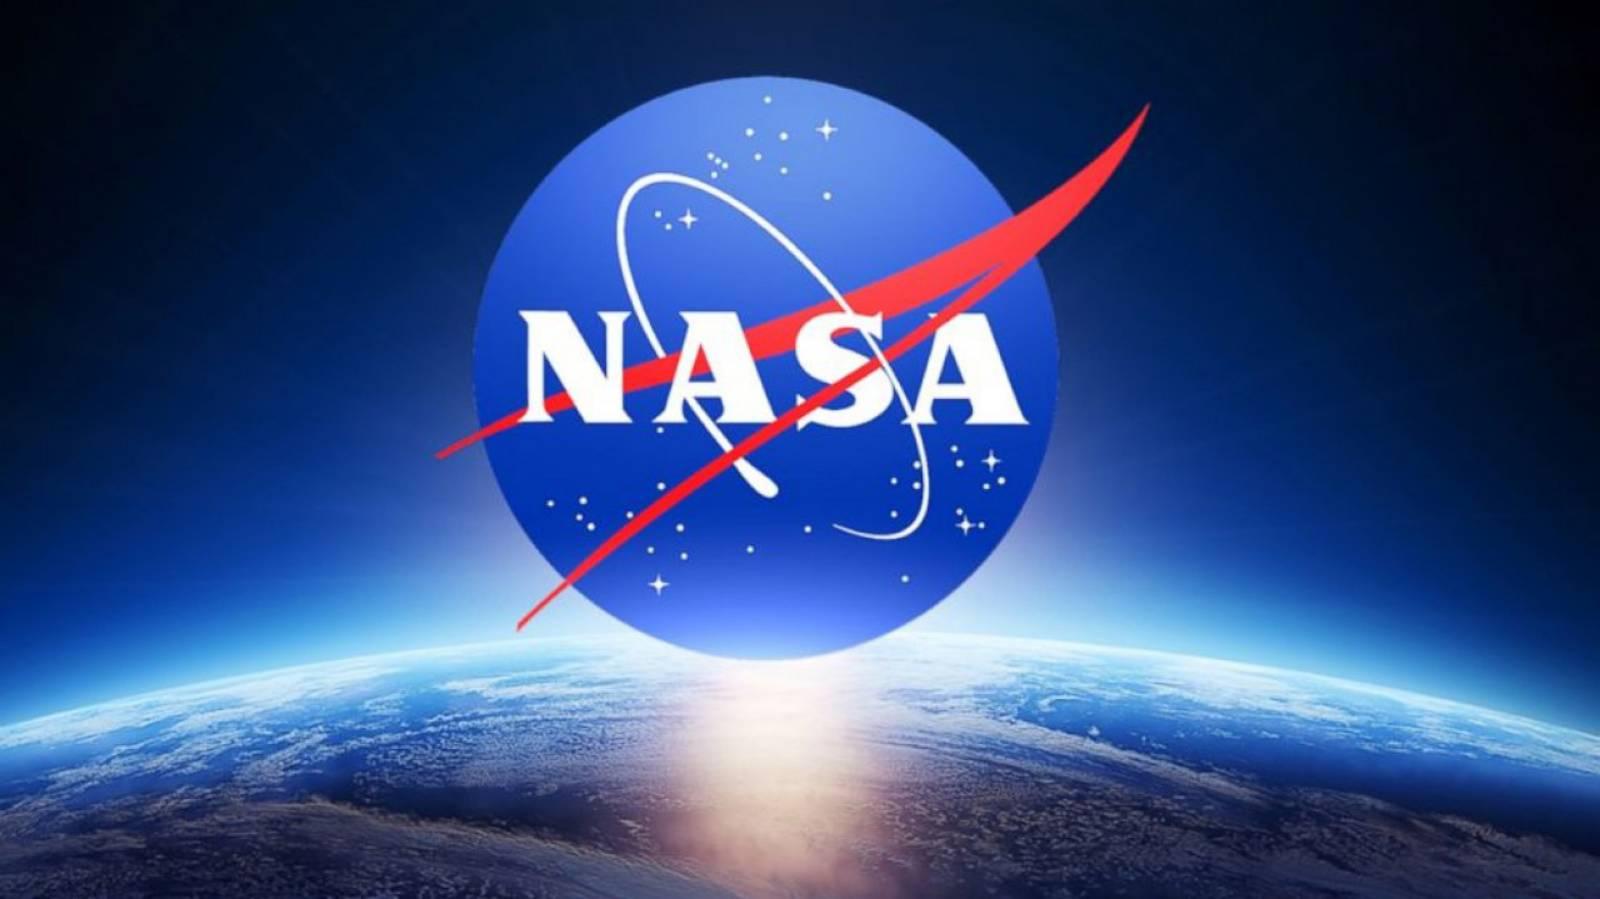 NASA asteria